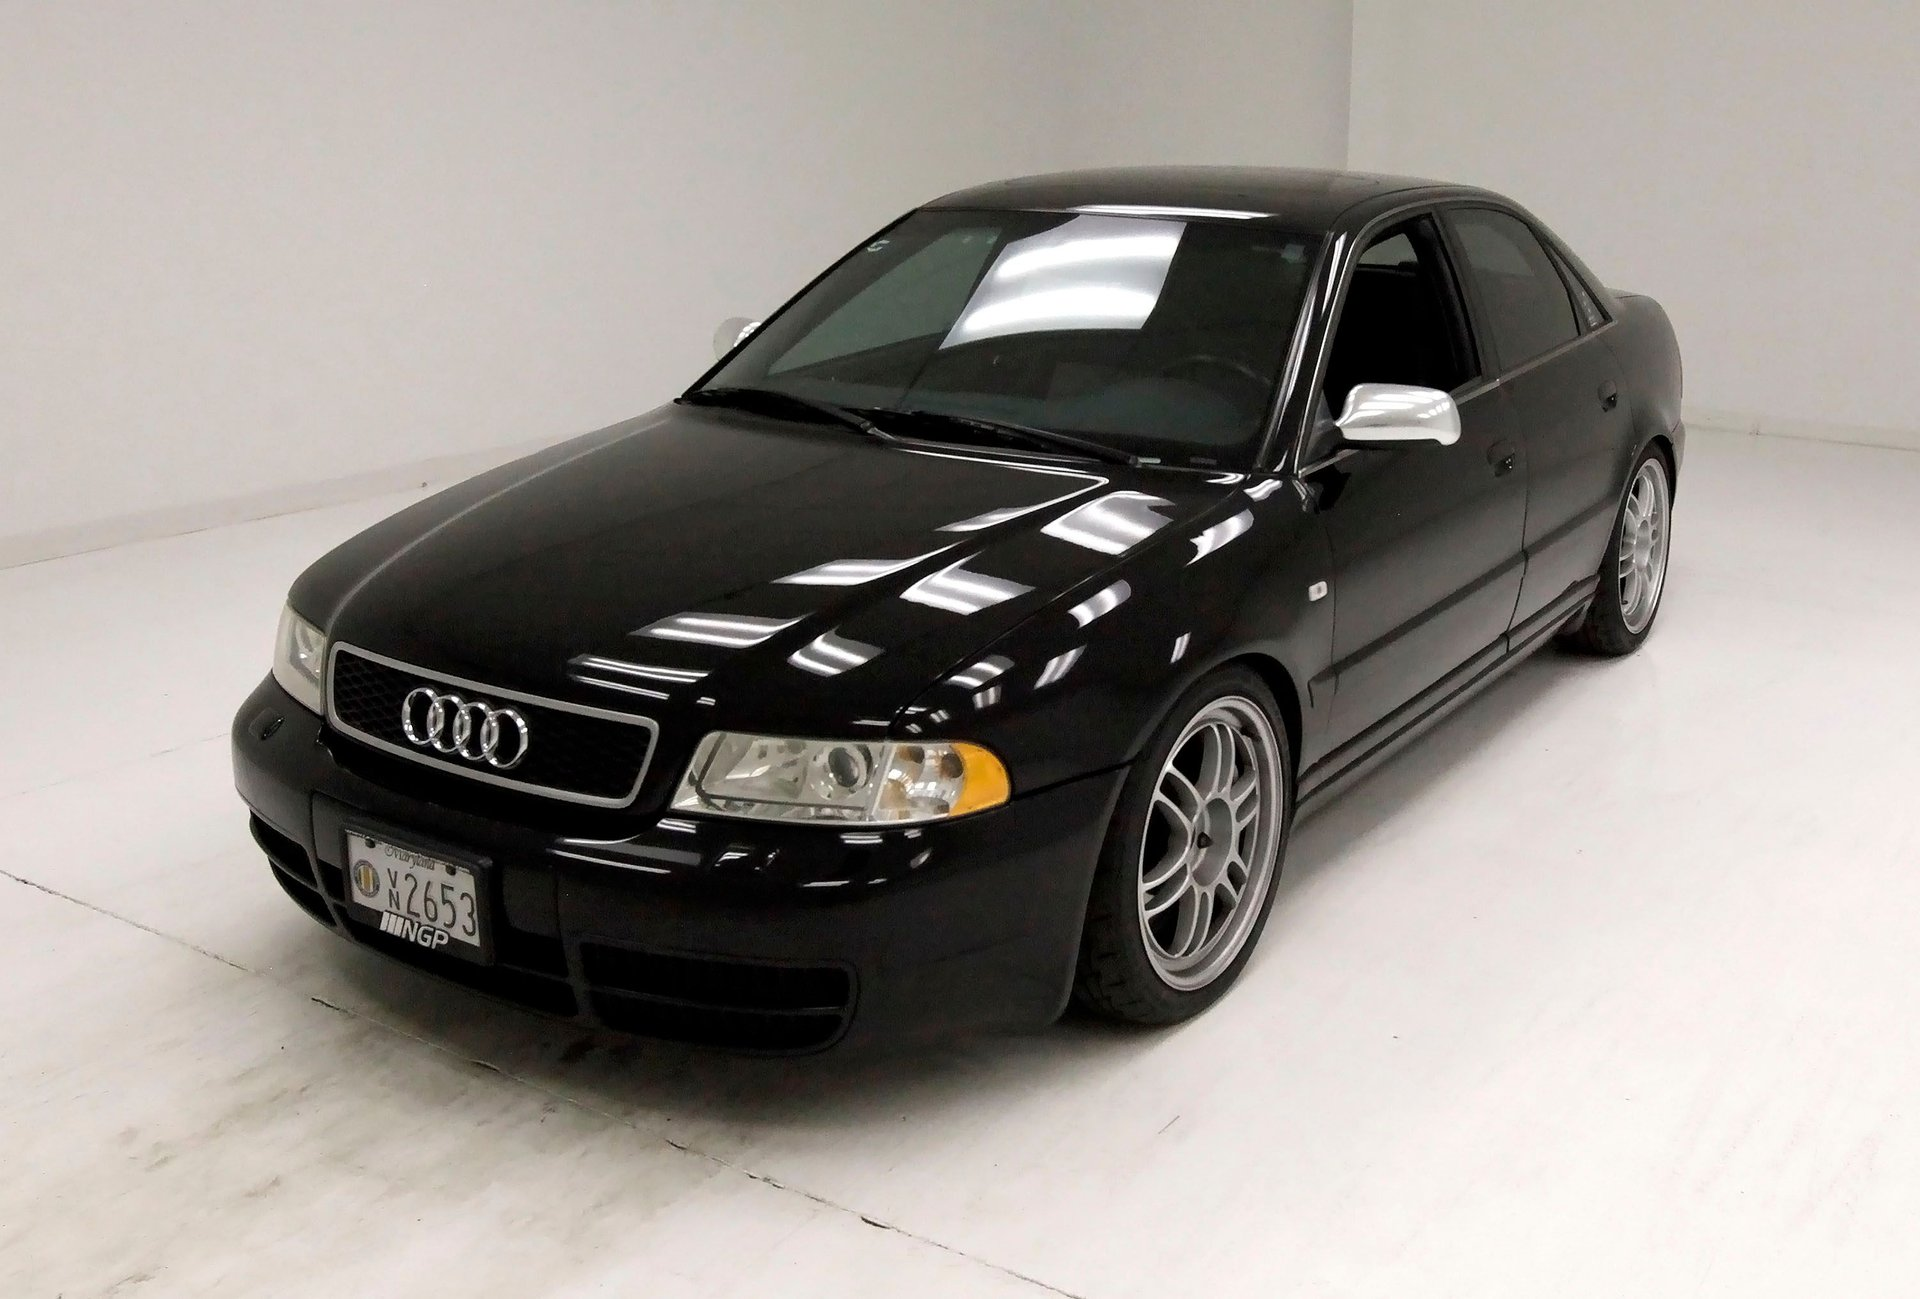 2001 Audi S4